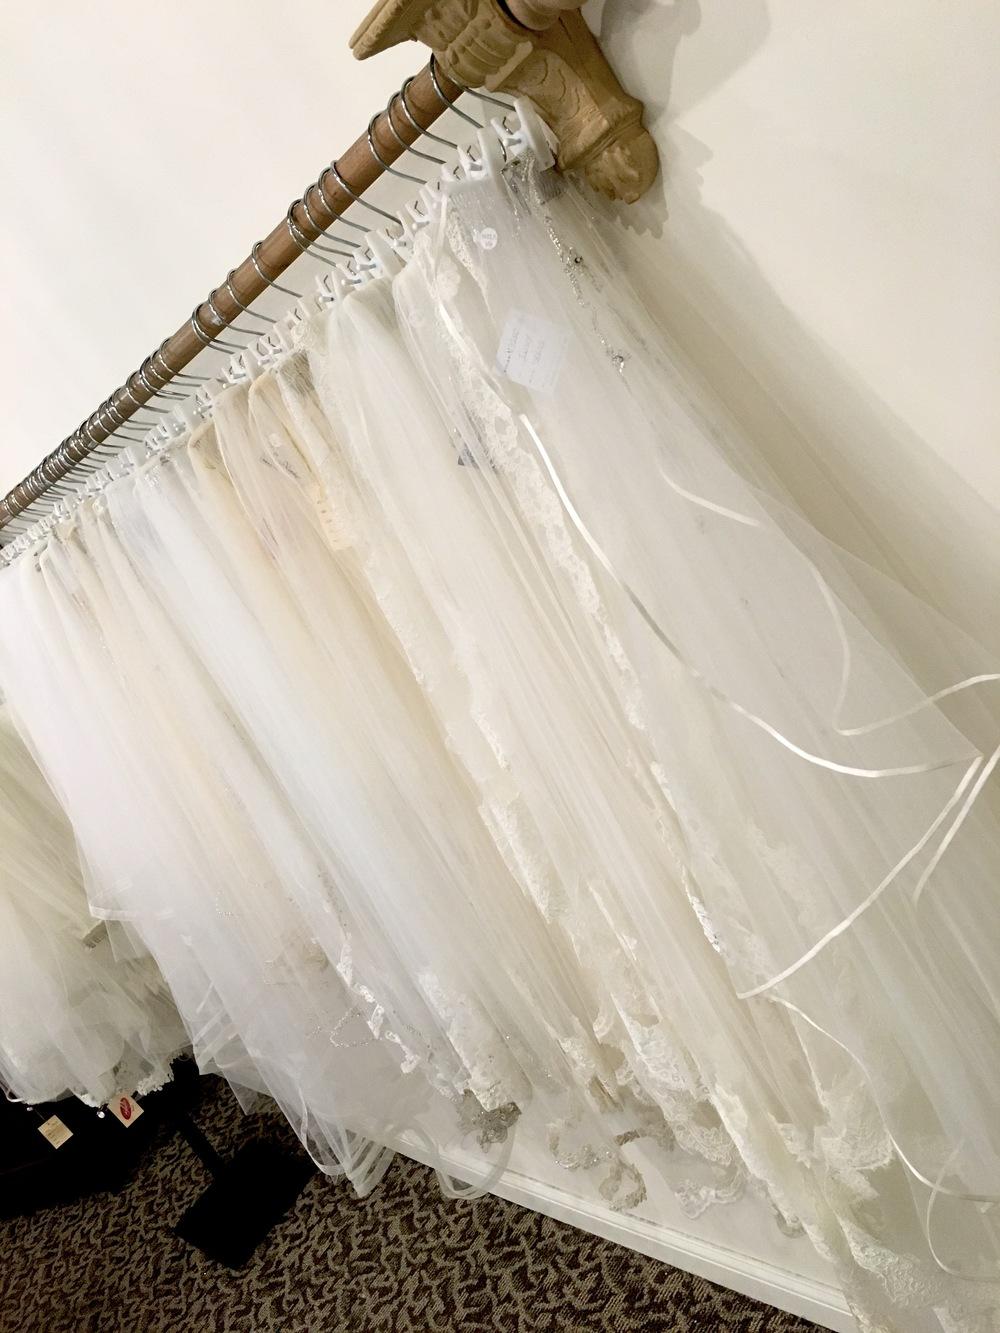 The white room llc lebanon murfreesboro tn wedding dress for Wedding dress shops in murfreesboro tn